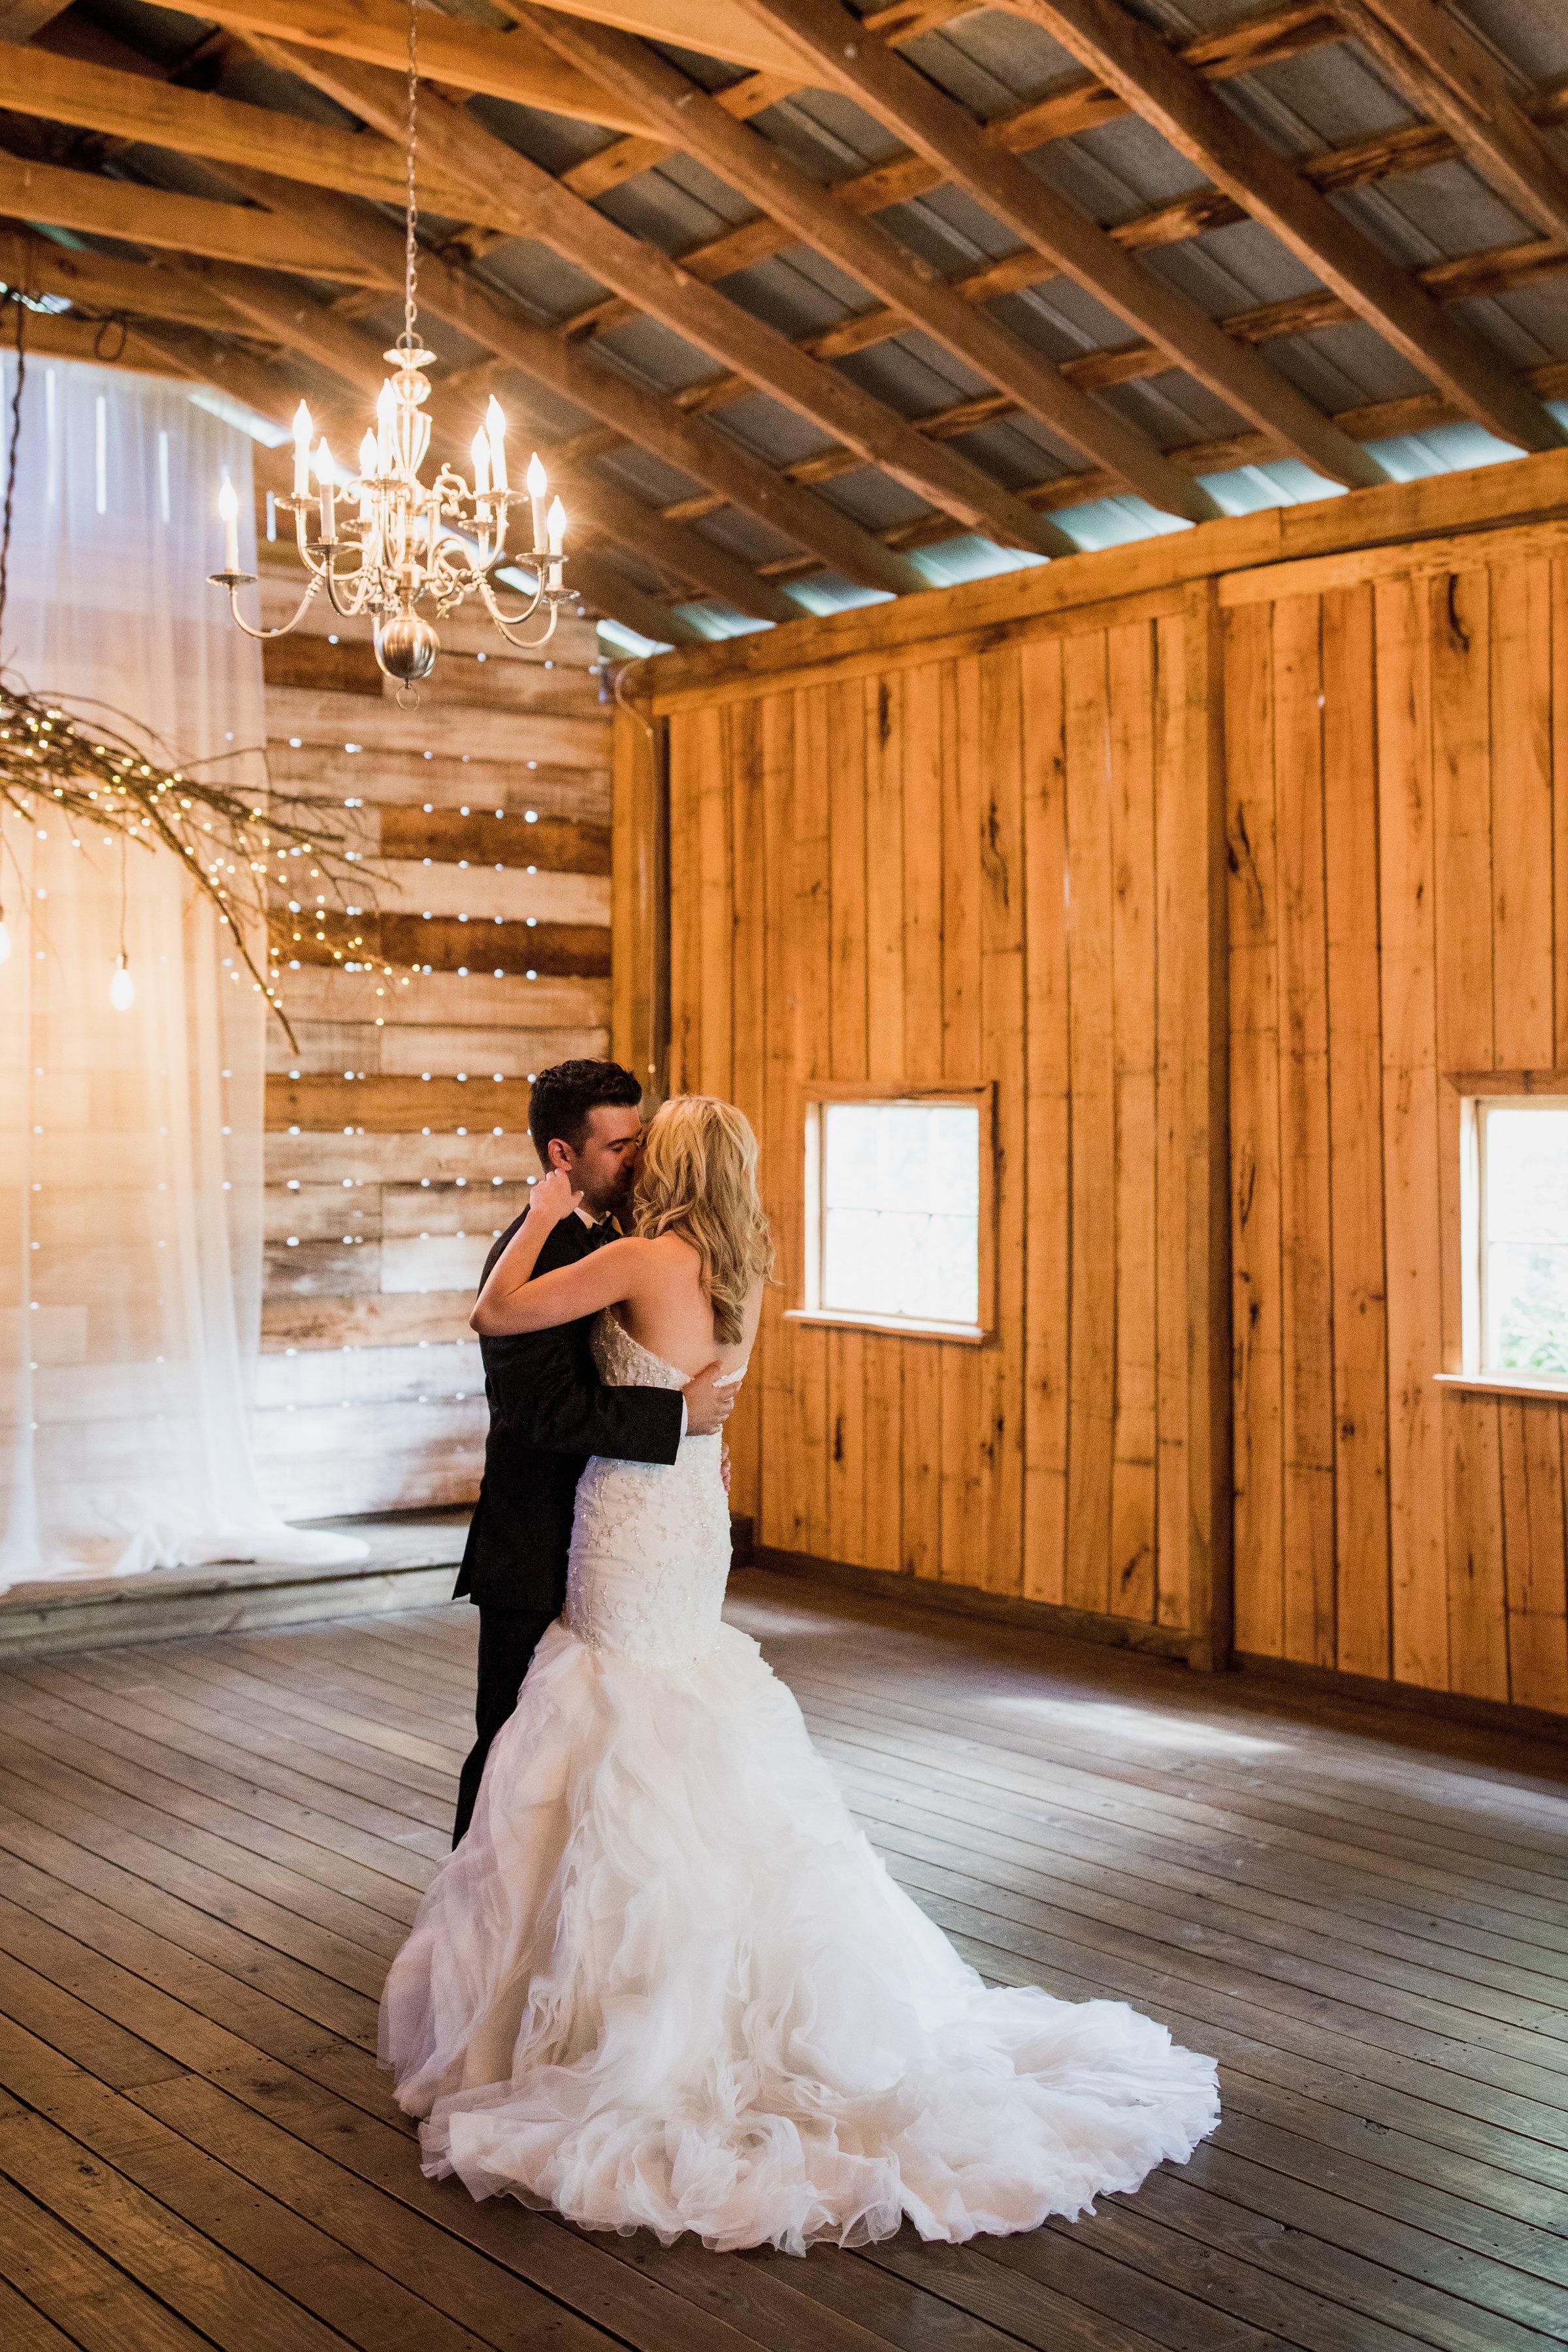 Meadow-Hill-Farm-Wedding 10.jpg